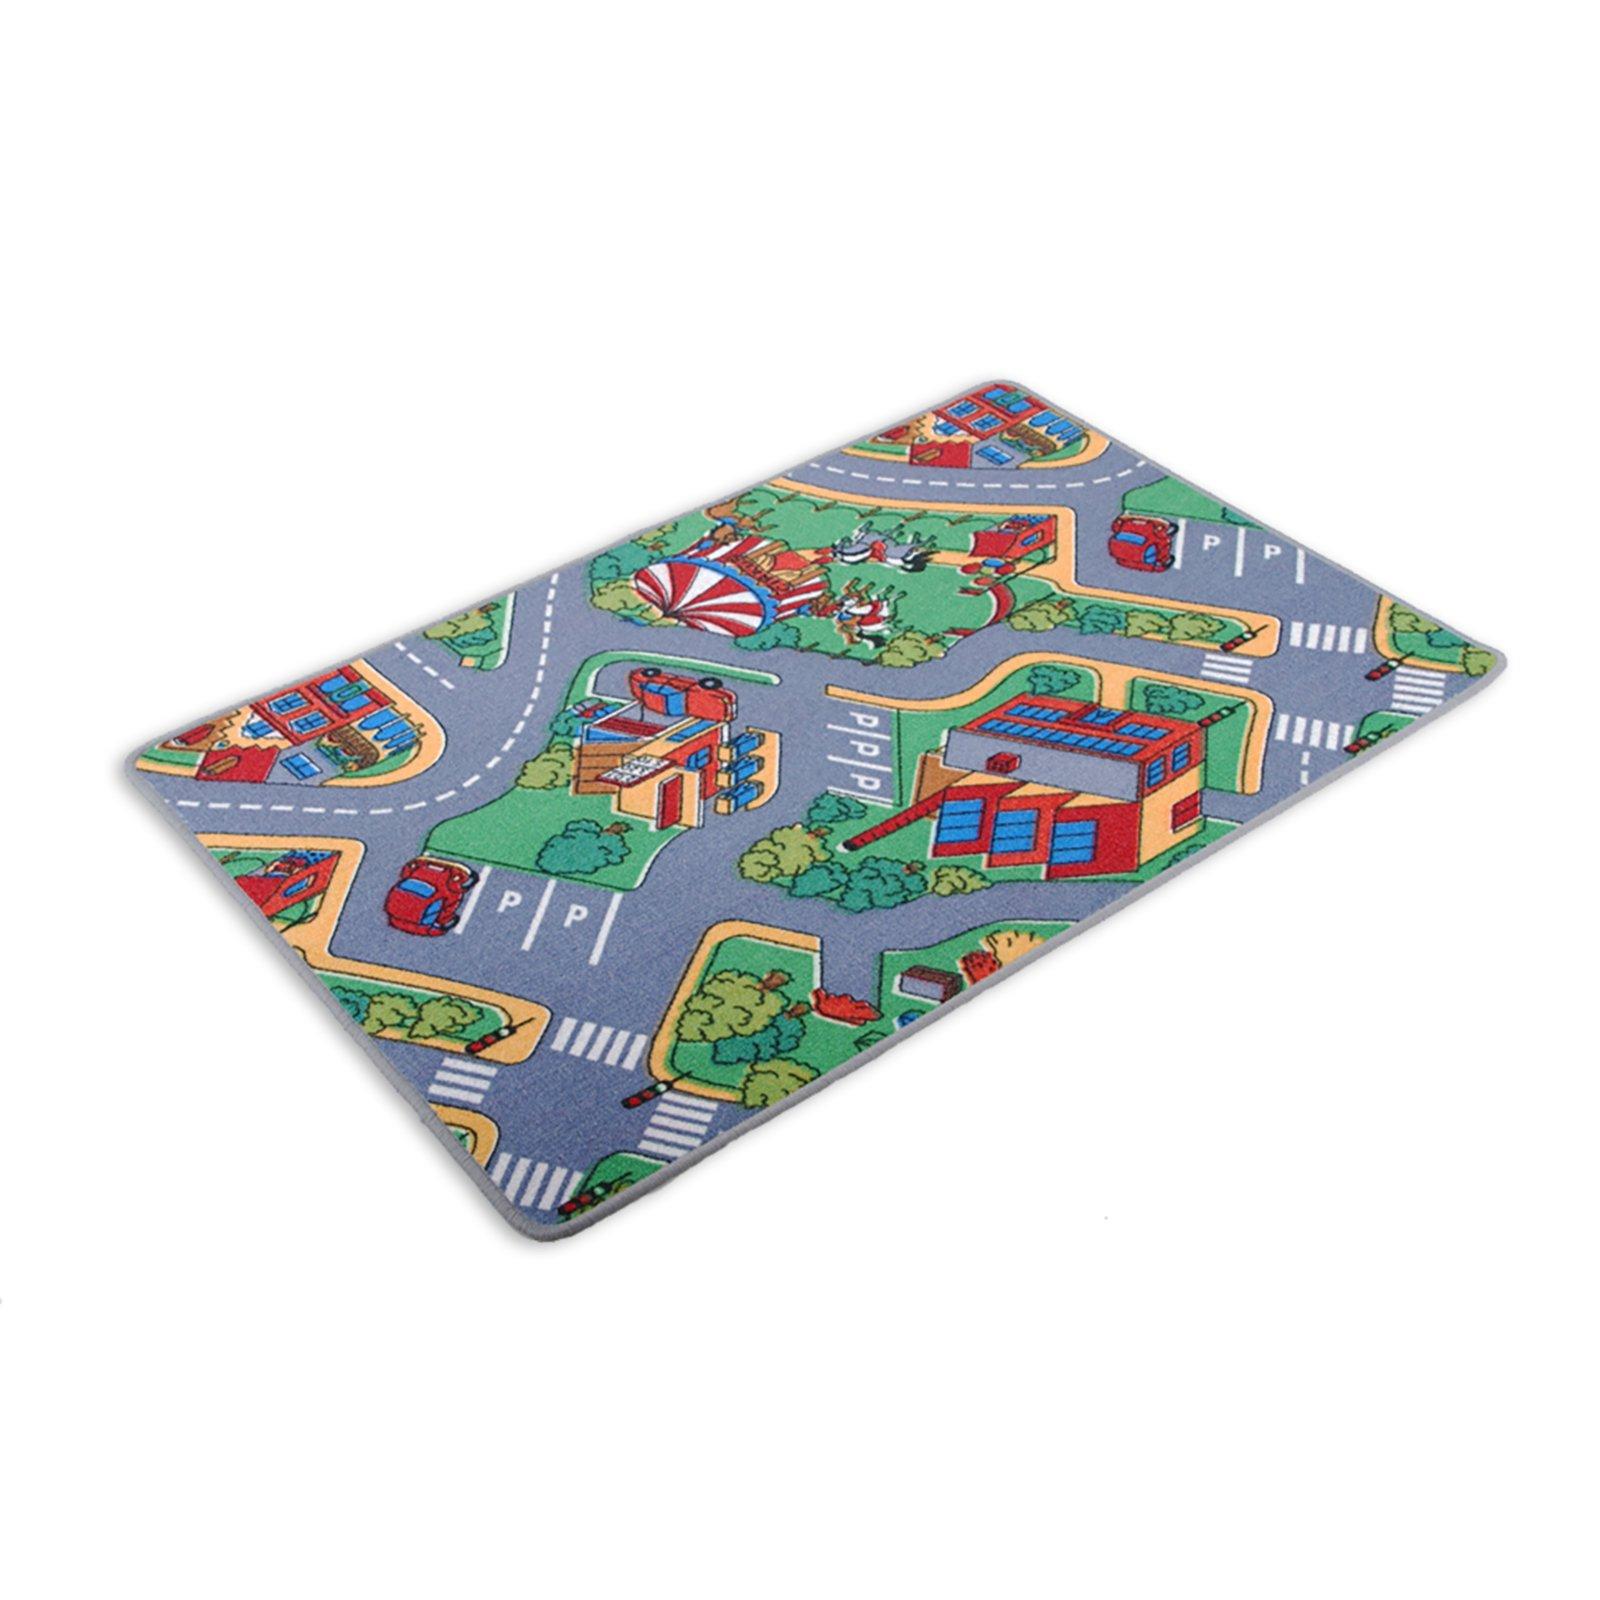 Kinder-Spielteppich AUTOBAHN - 80x120 cm